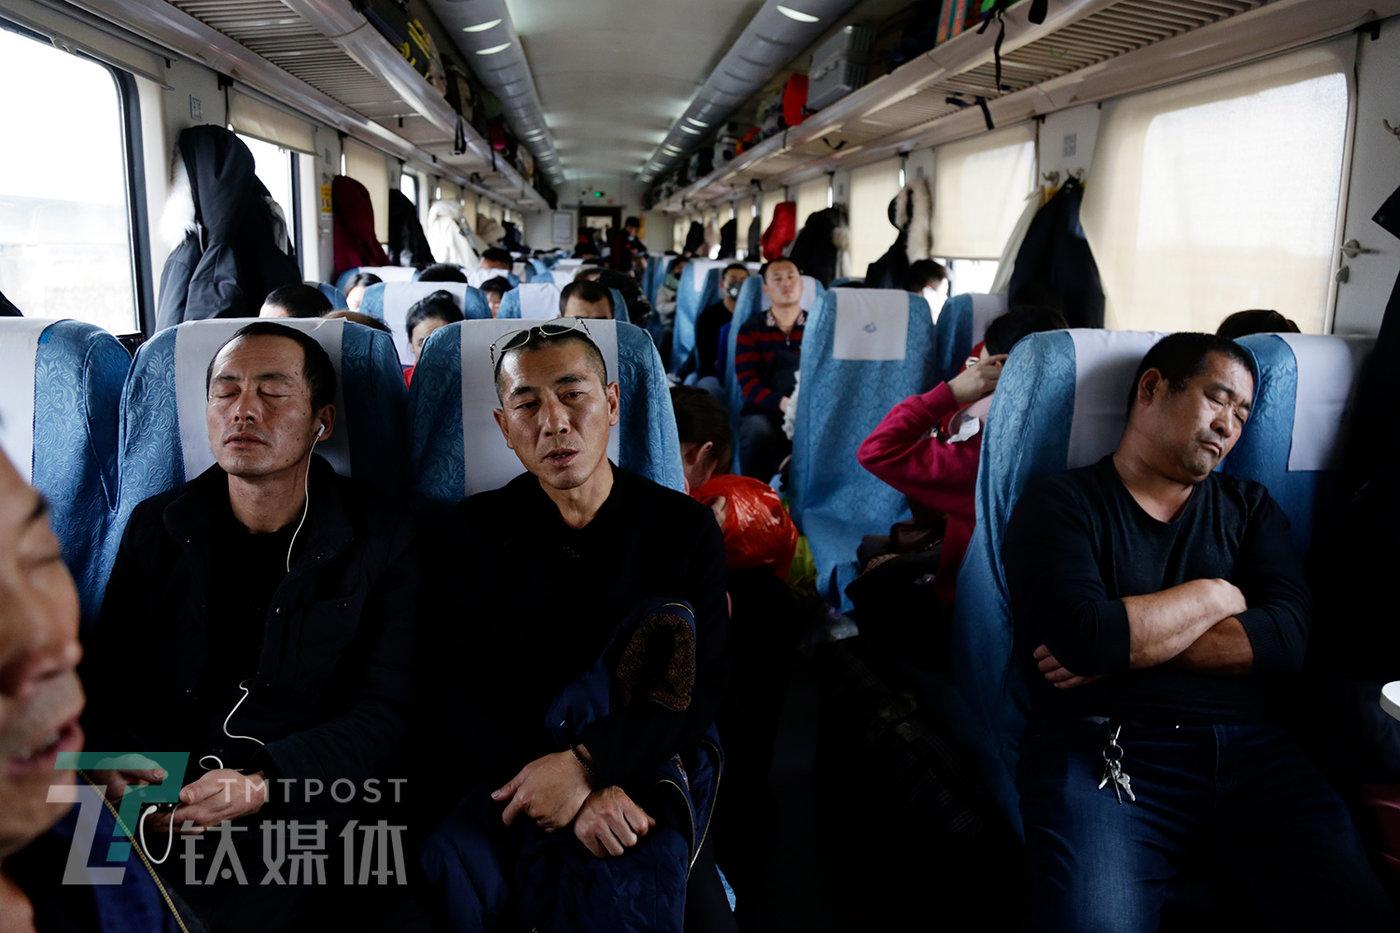 1月21日,走驶途中的K1301,硬座车厢里的乘客。